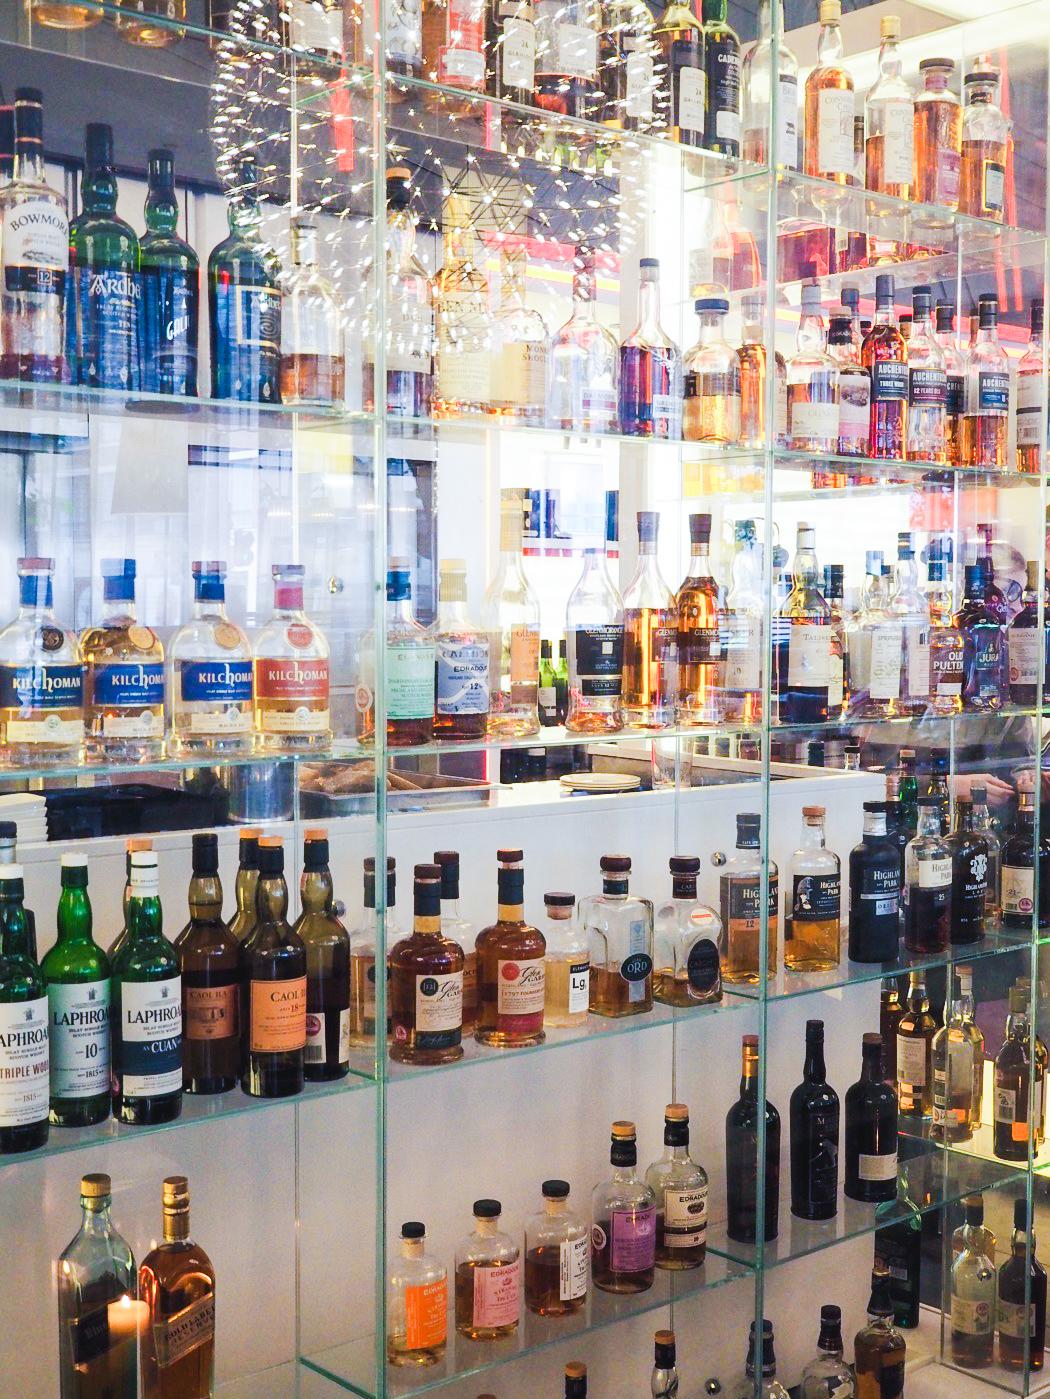 pullman whisky